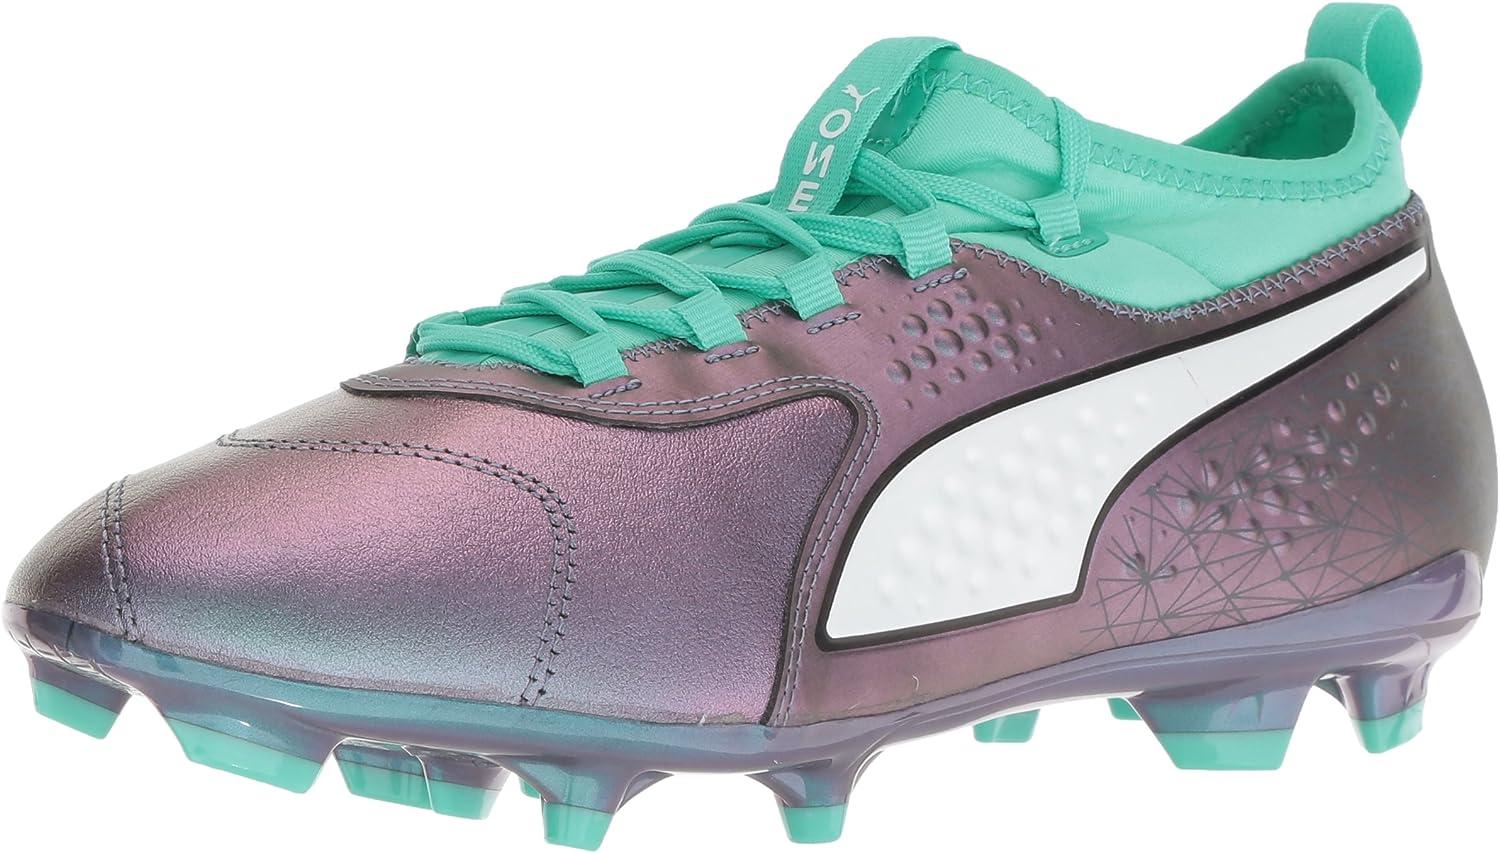 PUMA Mens Puma One 3 Il LTH Fg Soccer shoes